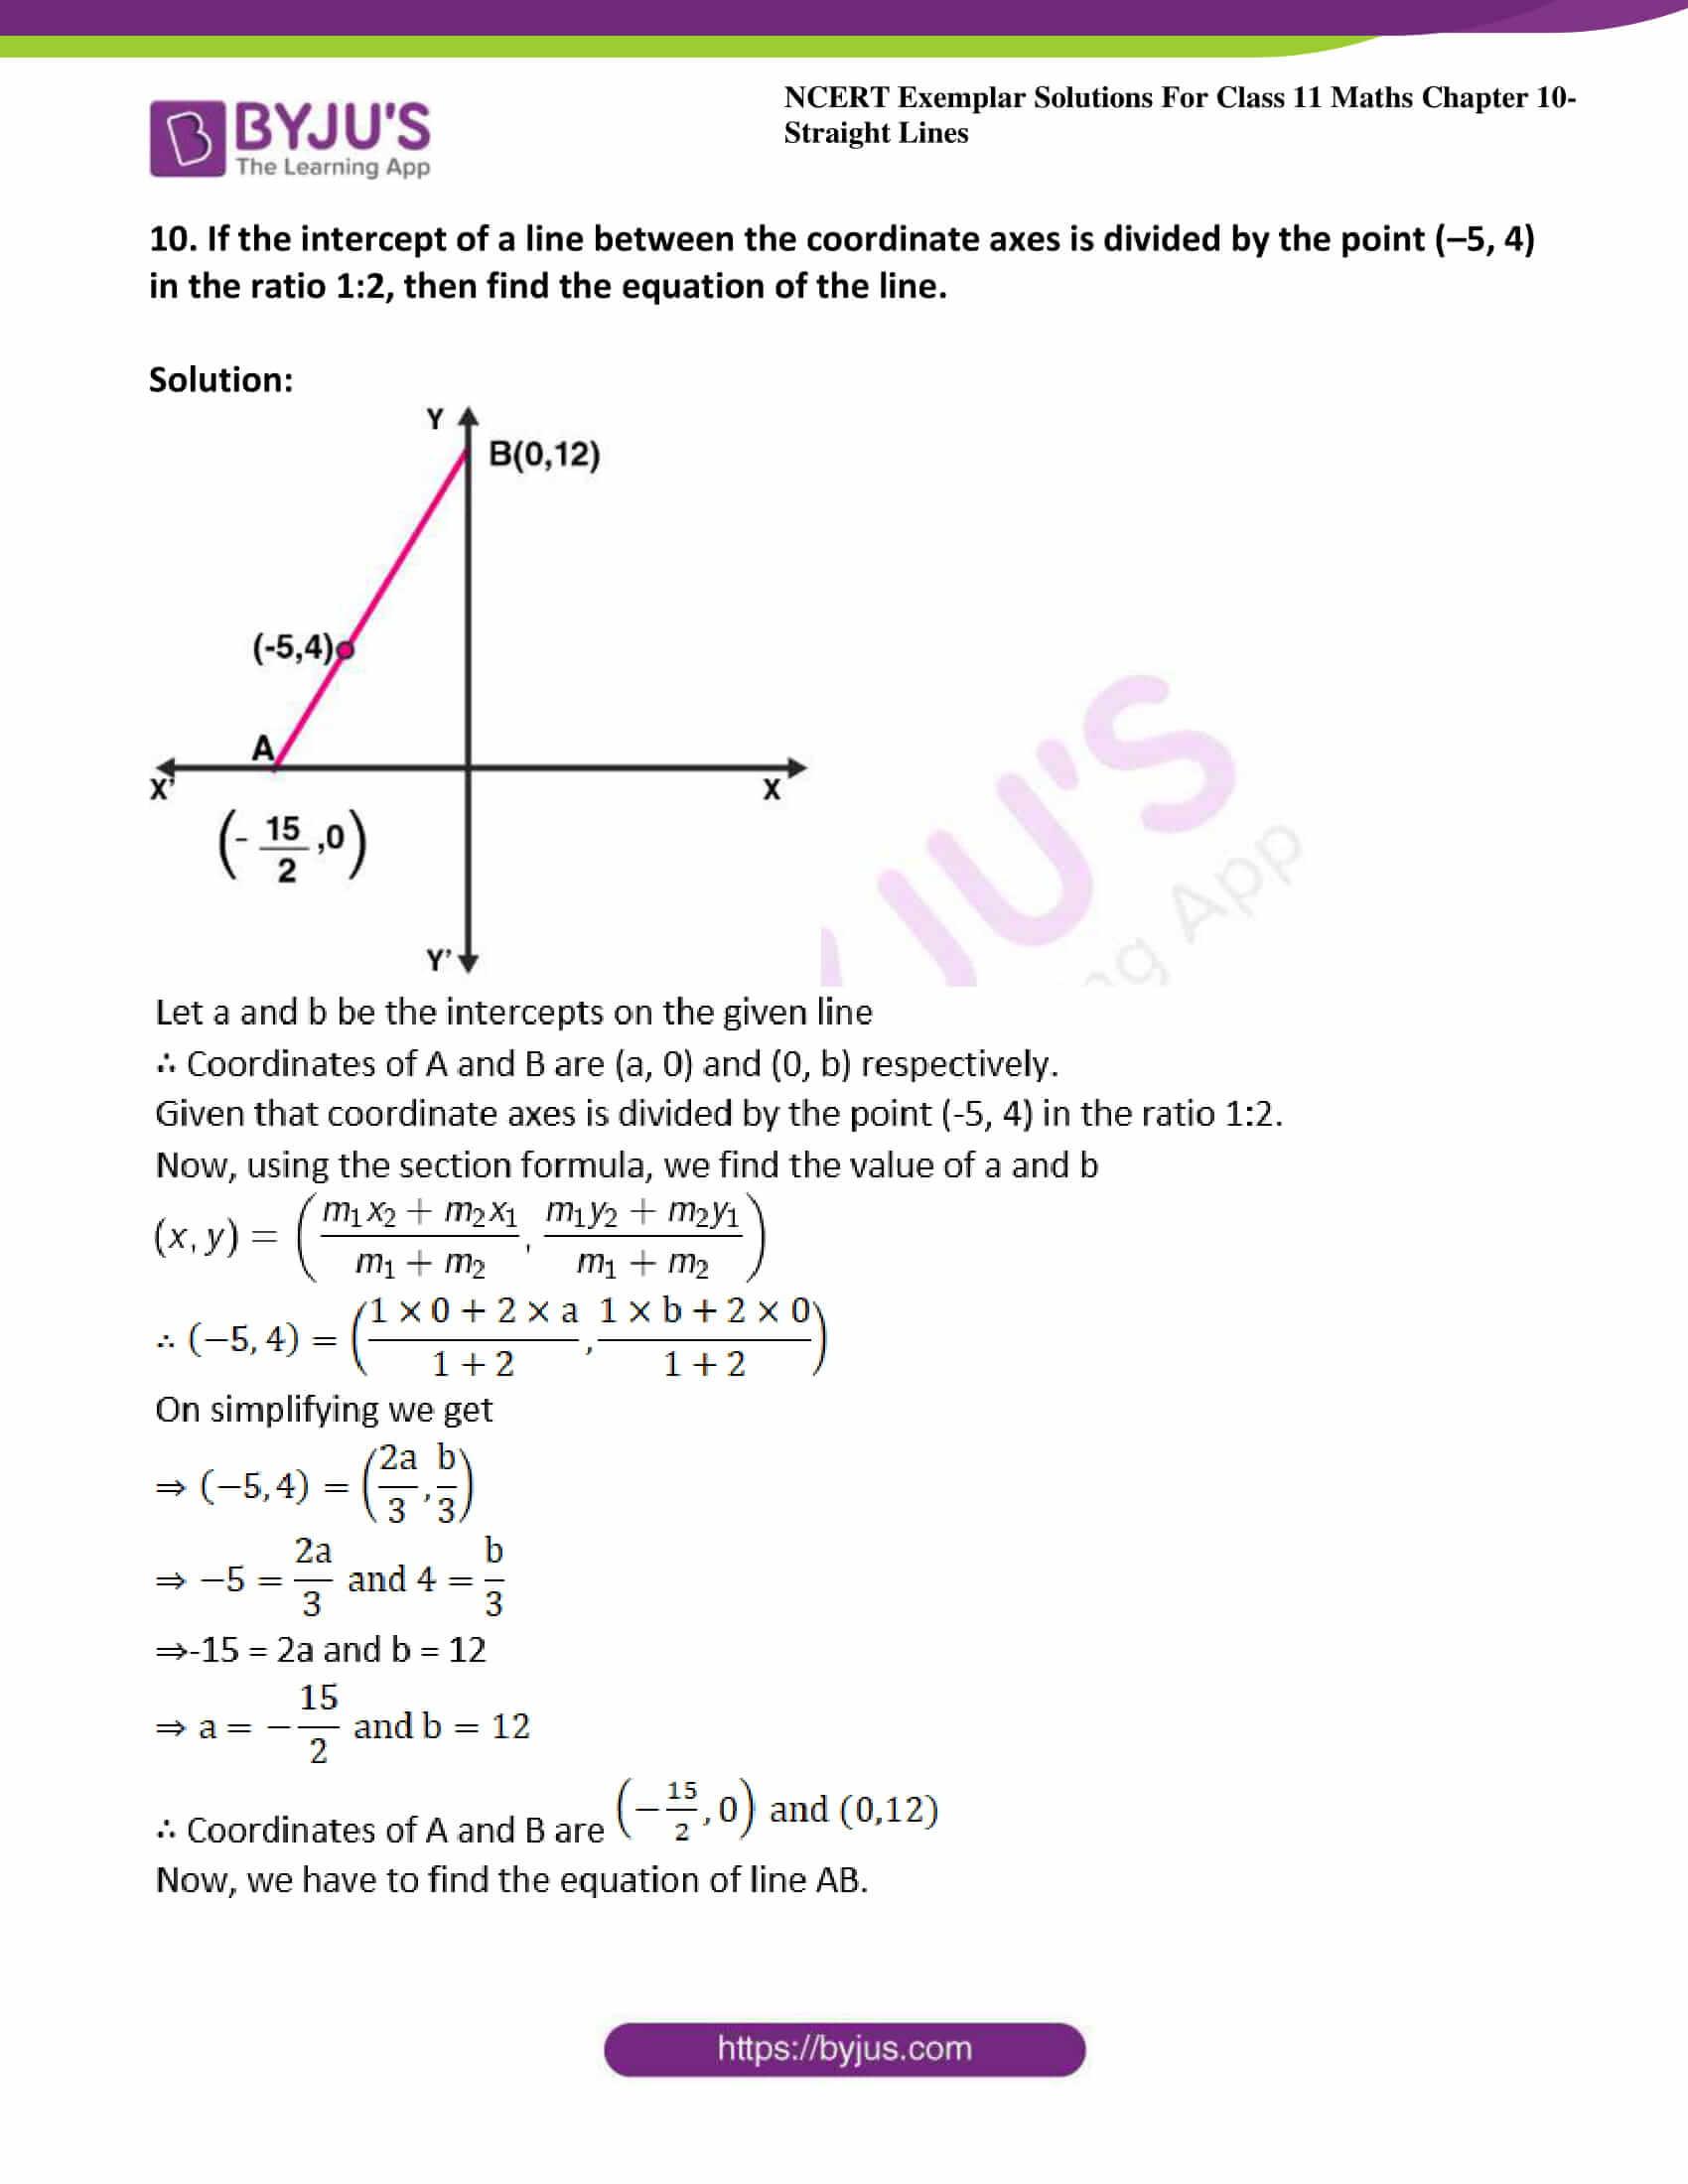 ncert exemplar sol class 11 maths chpt 10 straight lines 11